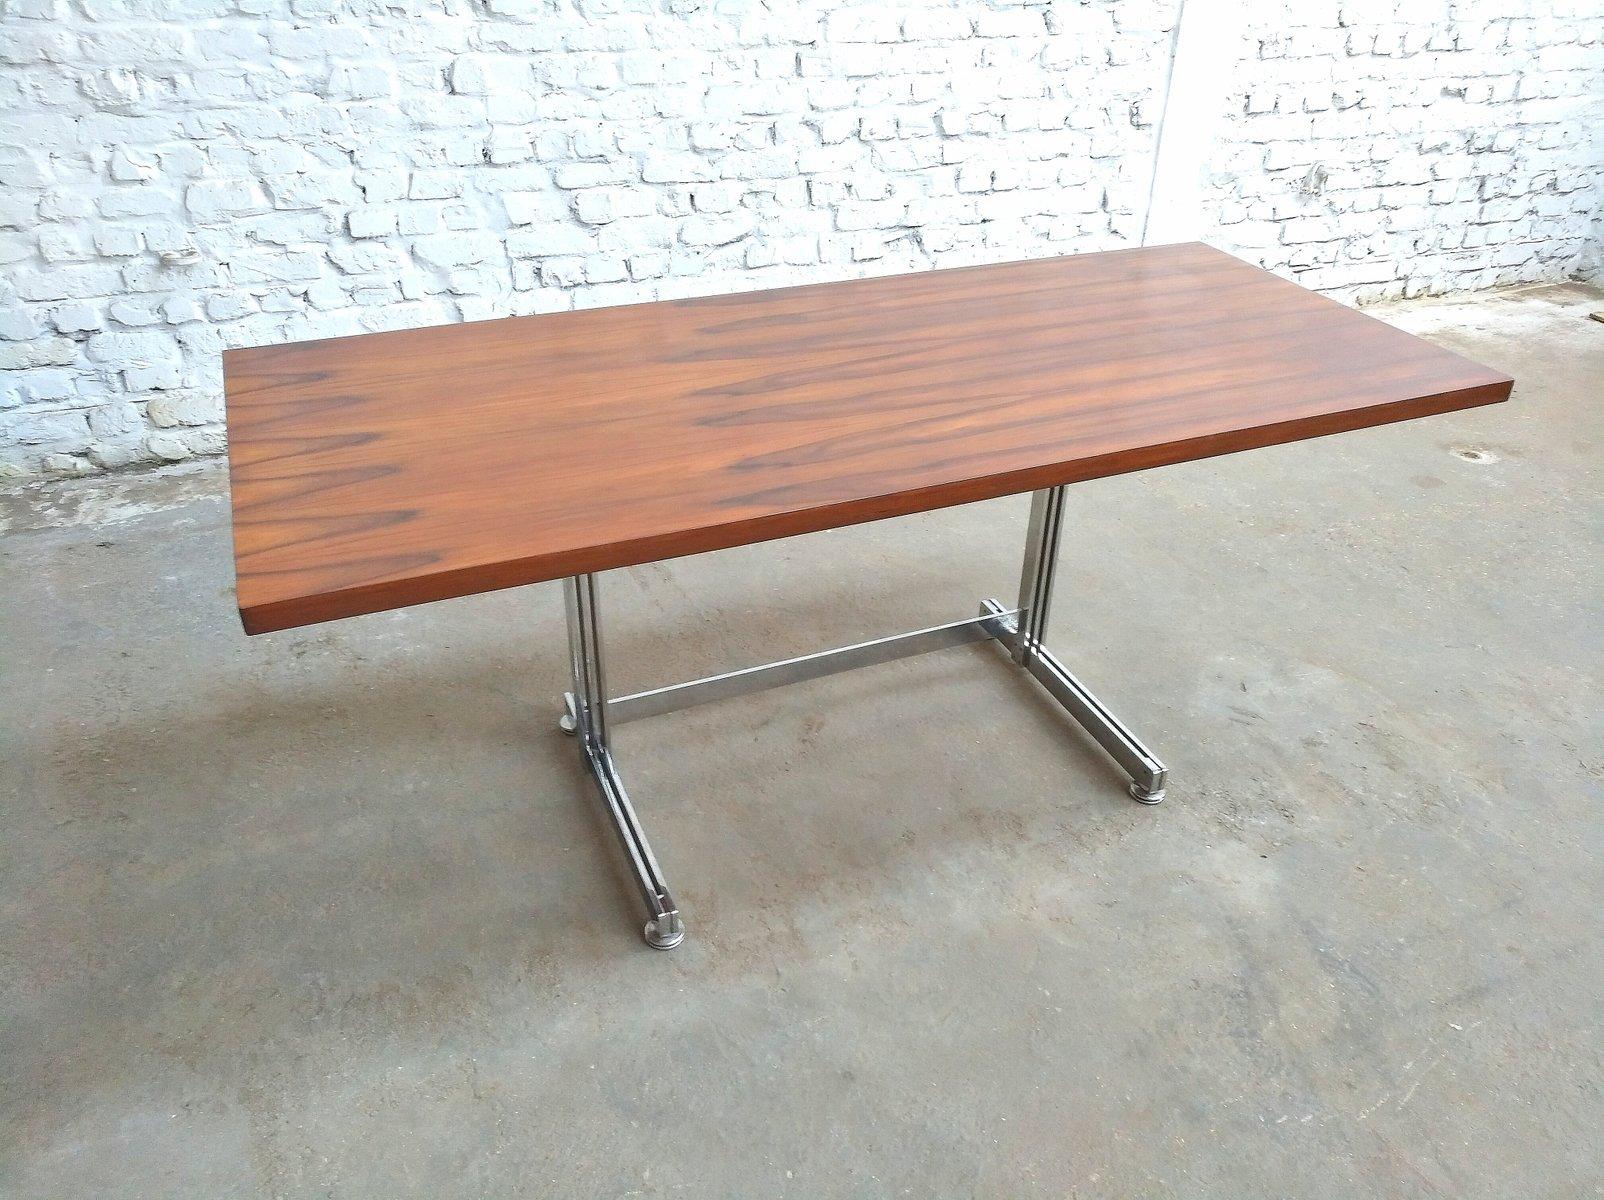 b ro schreibtisch von jules wabbes f r velca legnano milano 1960er bei pamono kaufen. Black Bedroom Furniture Sets. Home Design Ideas